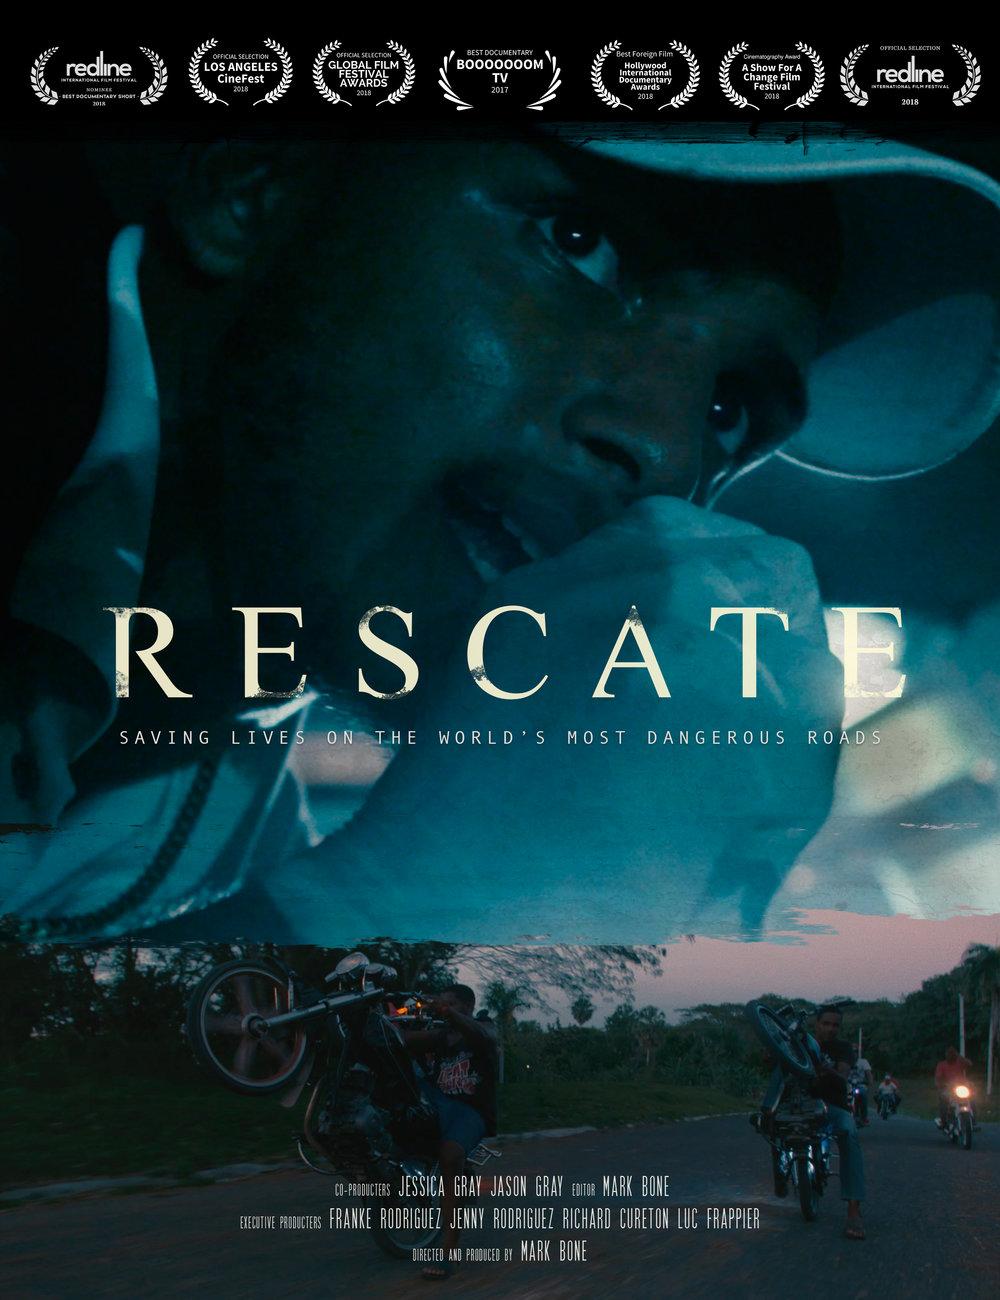 Rescate Movie Poster v1.jpg